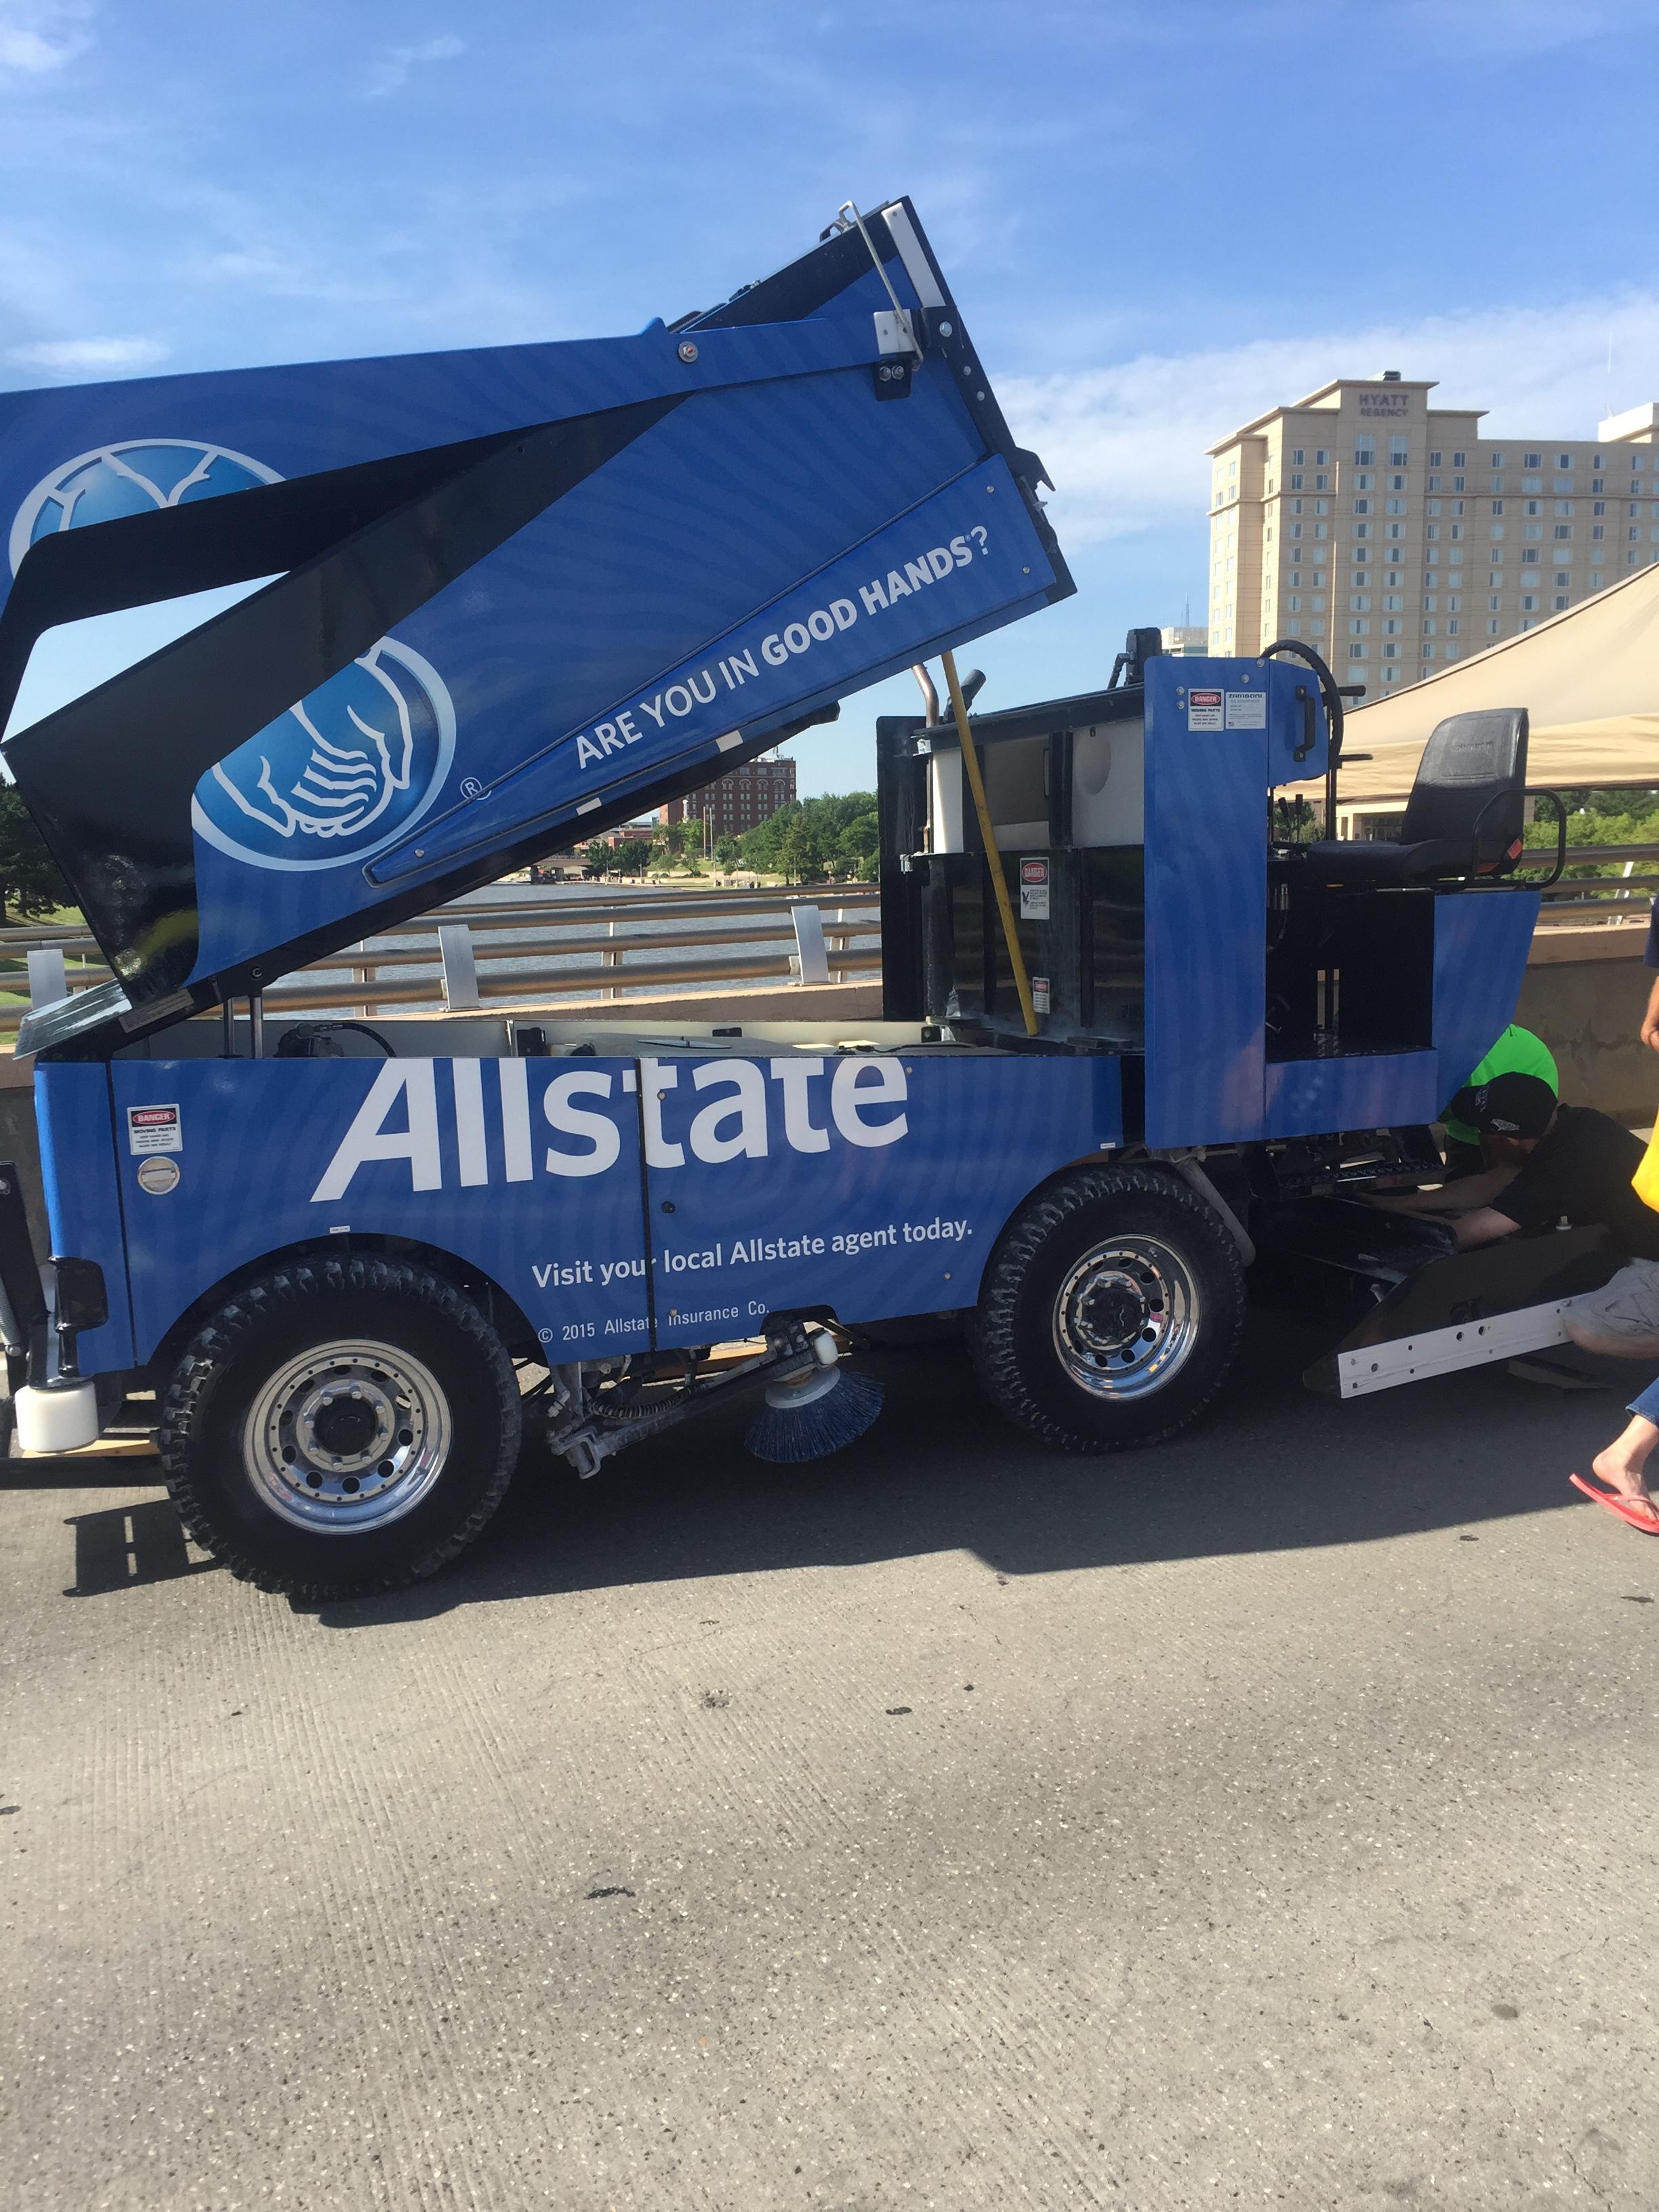 Allstate insurance agent eddy 39 s insurance group llc in for Family motors wichita ks